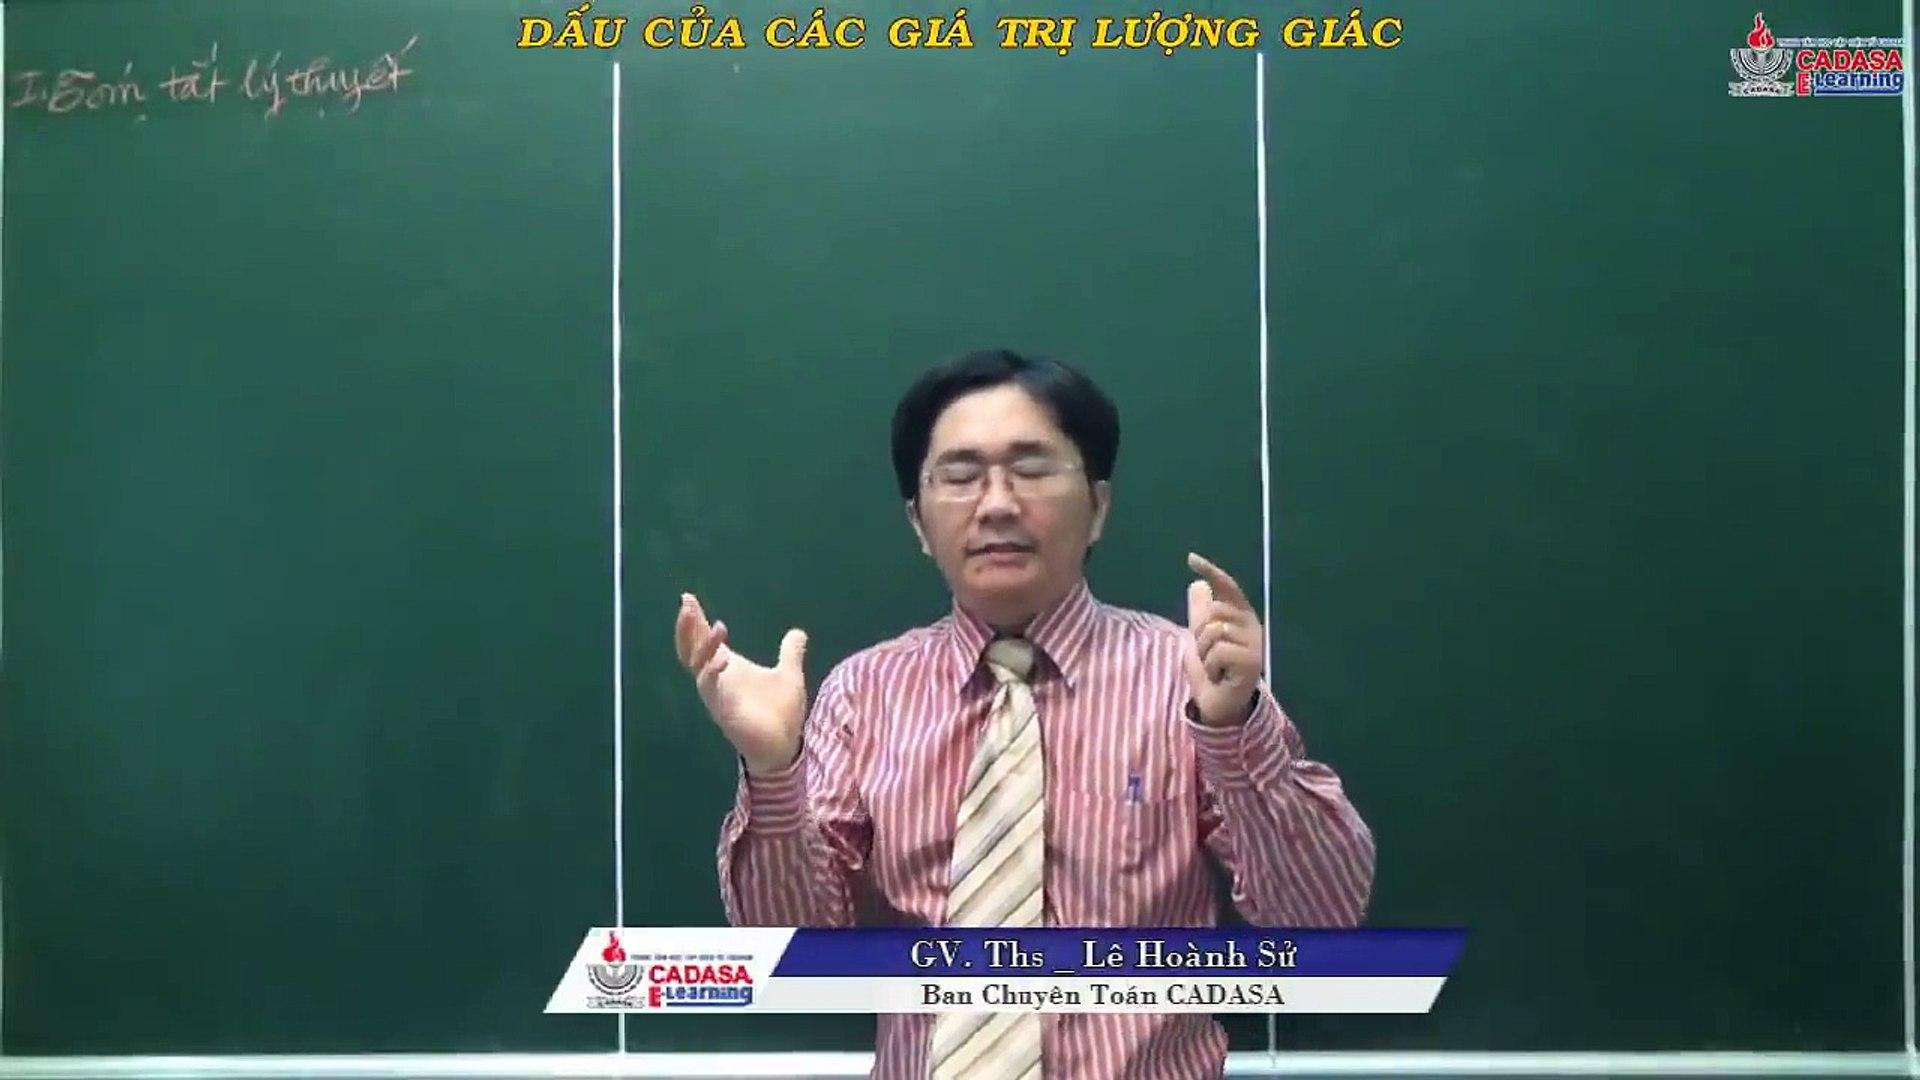 Video đại số 10 - Góc lượng giác, cung lượng giác - Dấu của các giá trị lượng giác